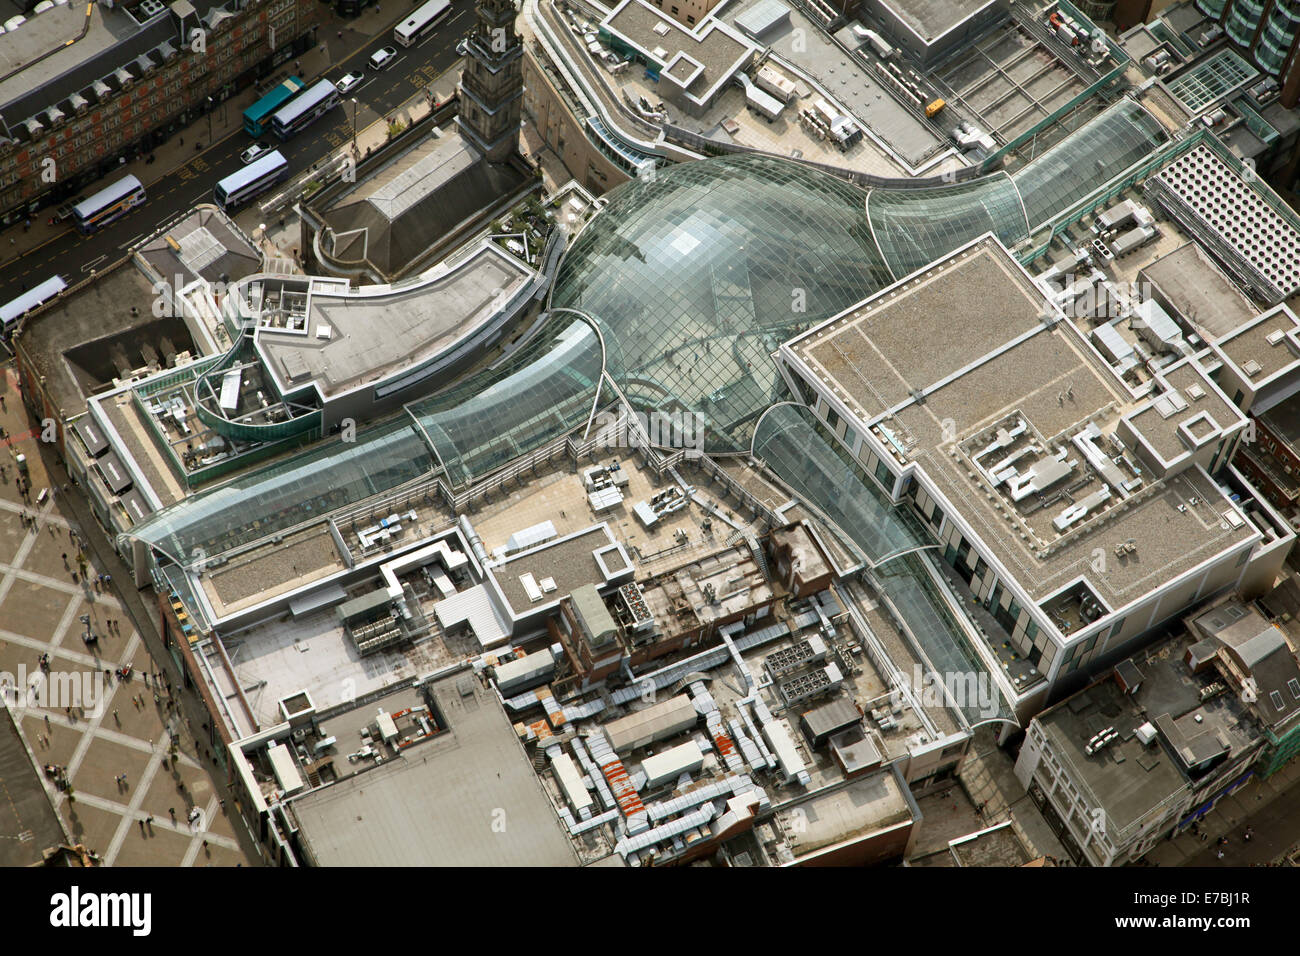 Vue aérienne du centre commercial Trinity Leeds, West Yorkshire, Royaume-Uni Photo Stock